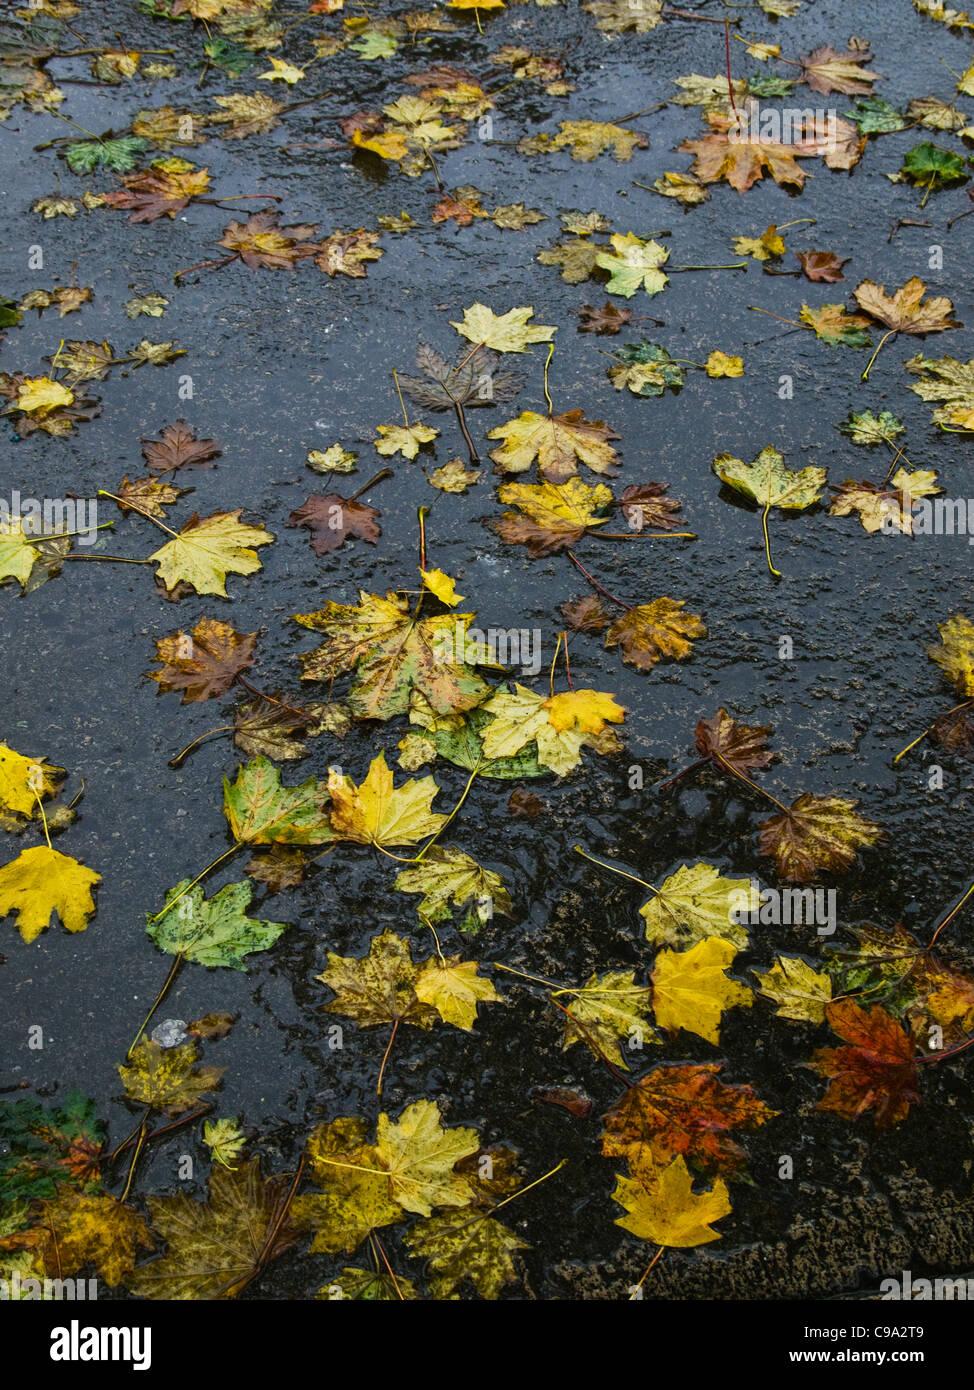 Les feuilles d'automne éparpillées sur une chaussée mouillée, Dublin, Irlande Photo Stock